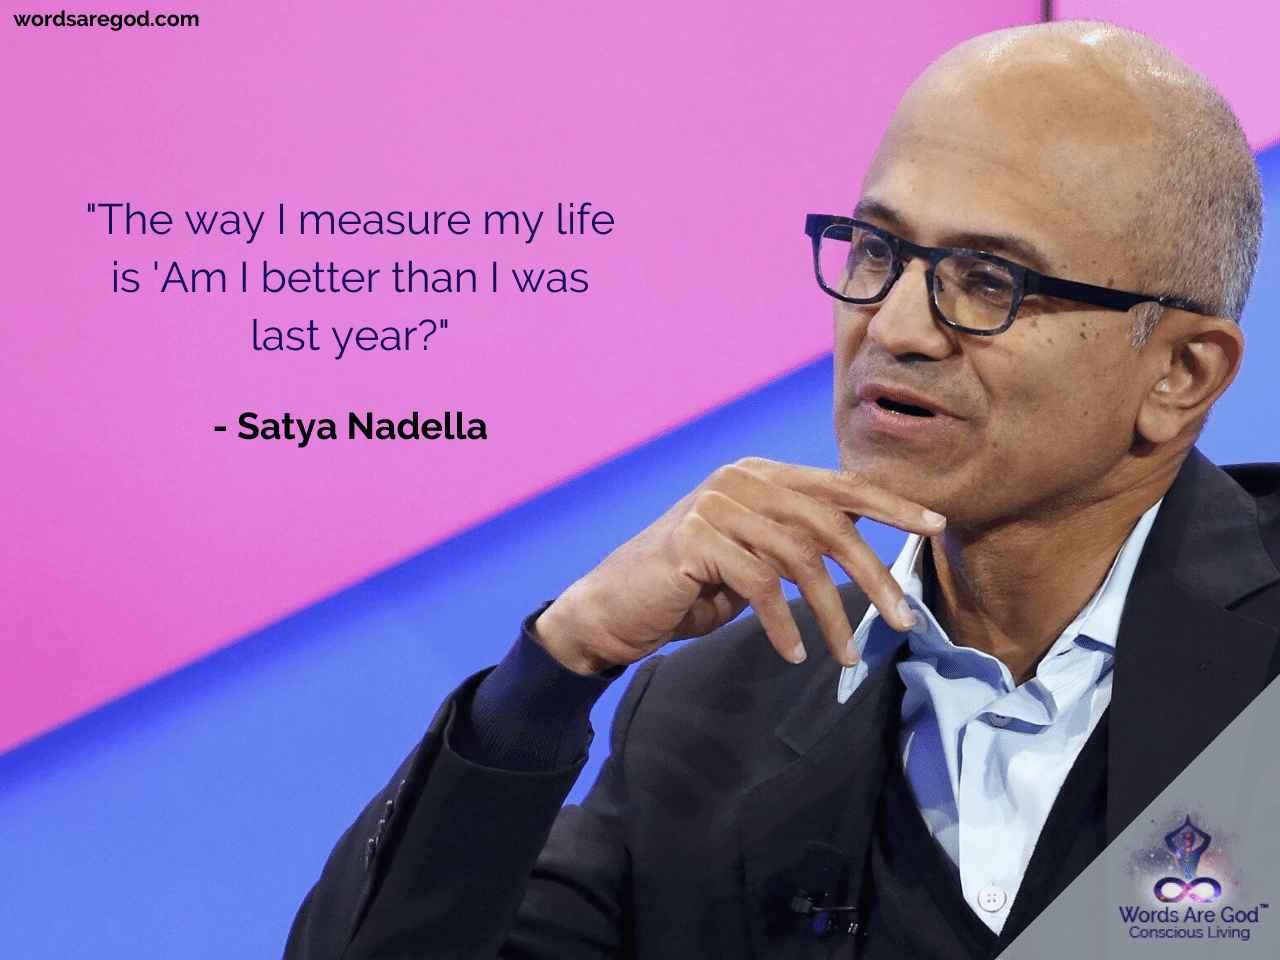 Satya Nadella Inspirational Quote